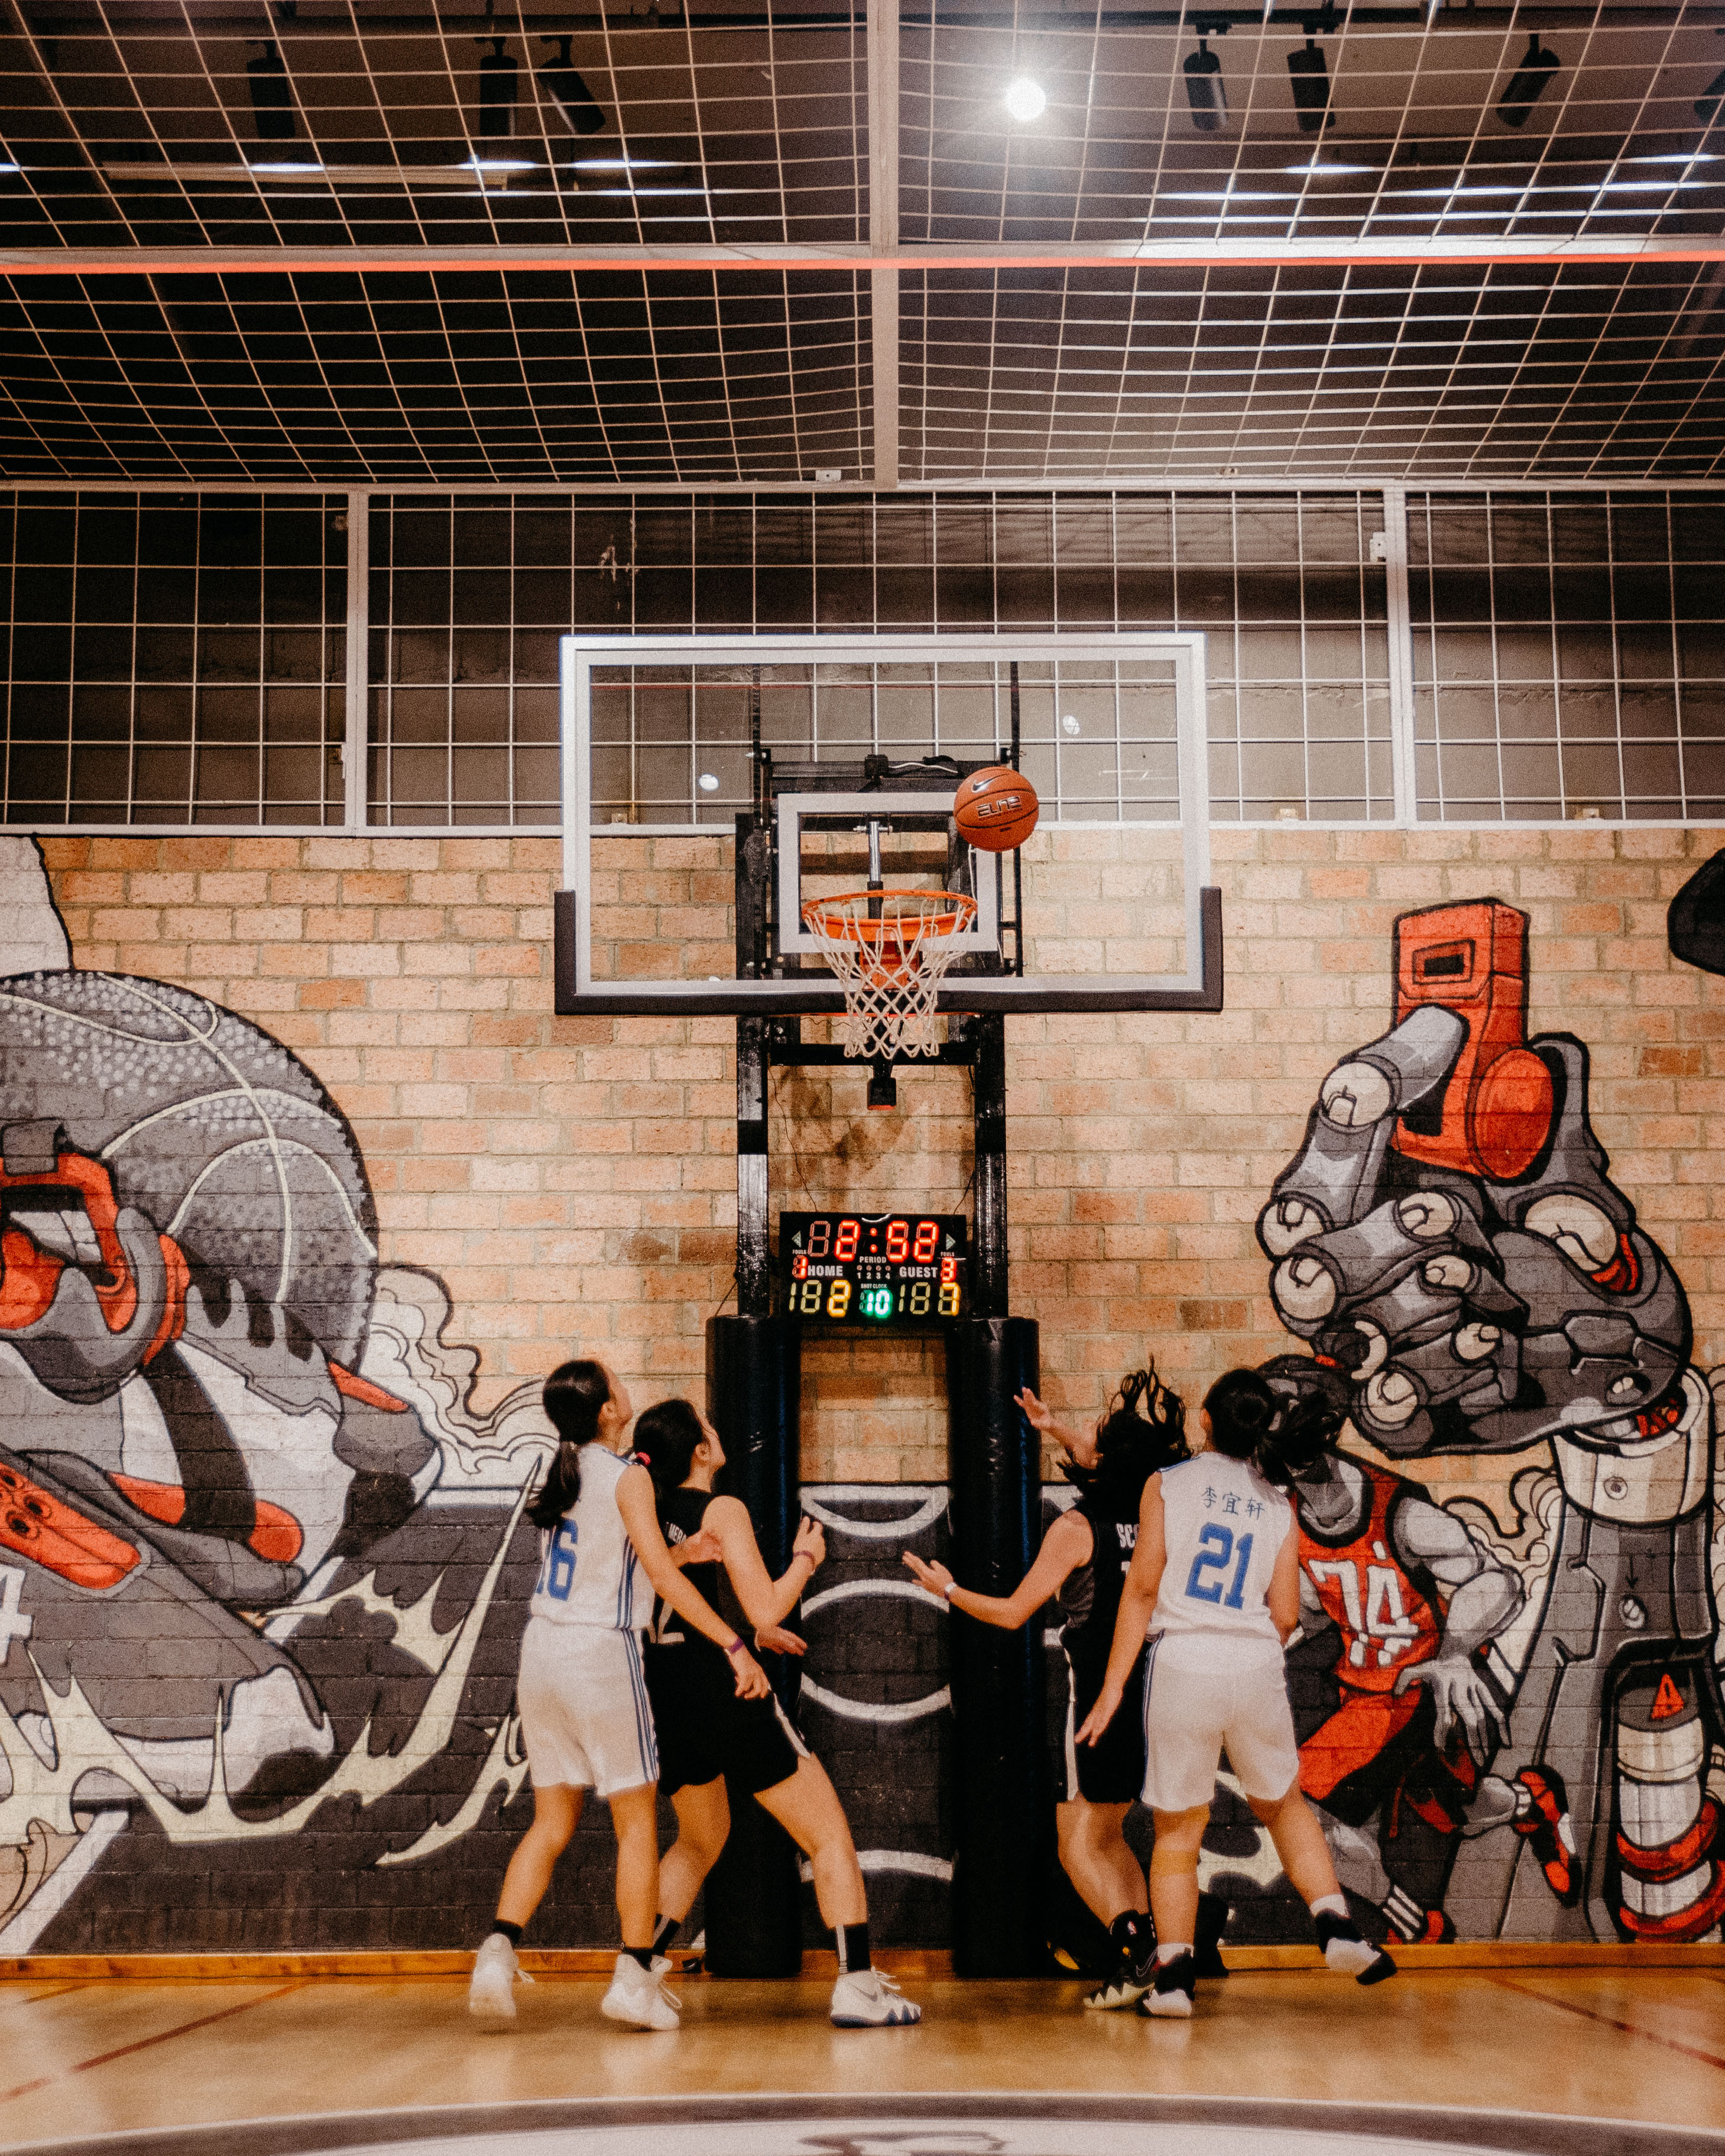 20201207_2v2 basketball1